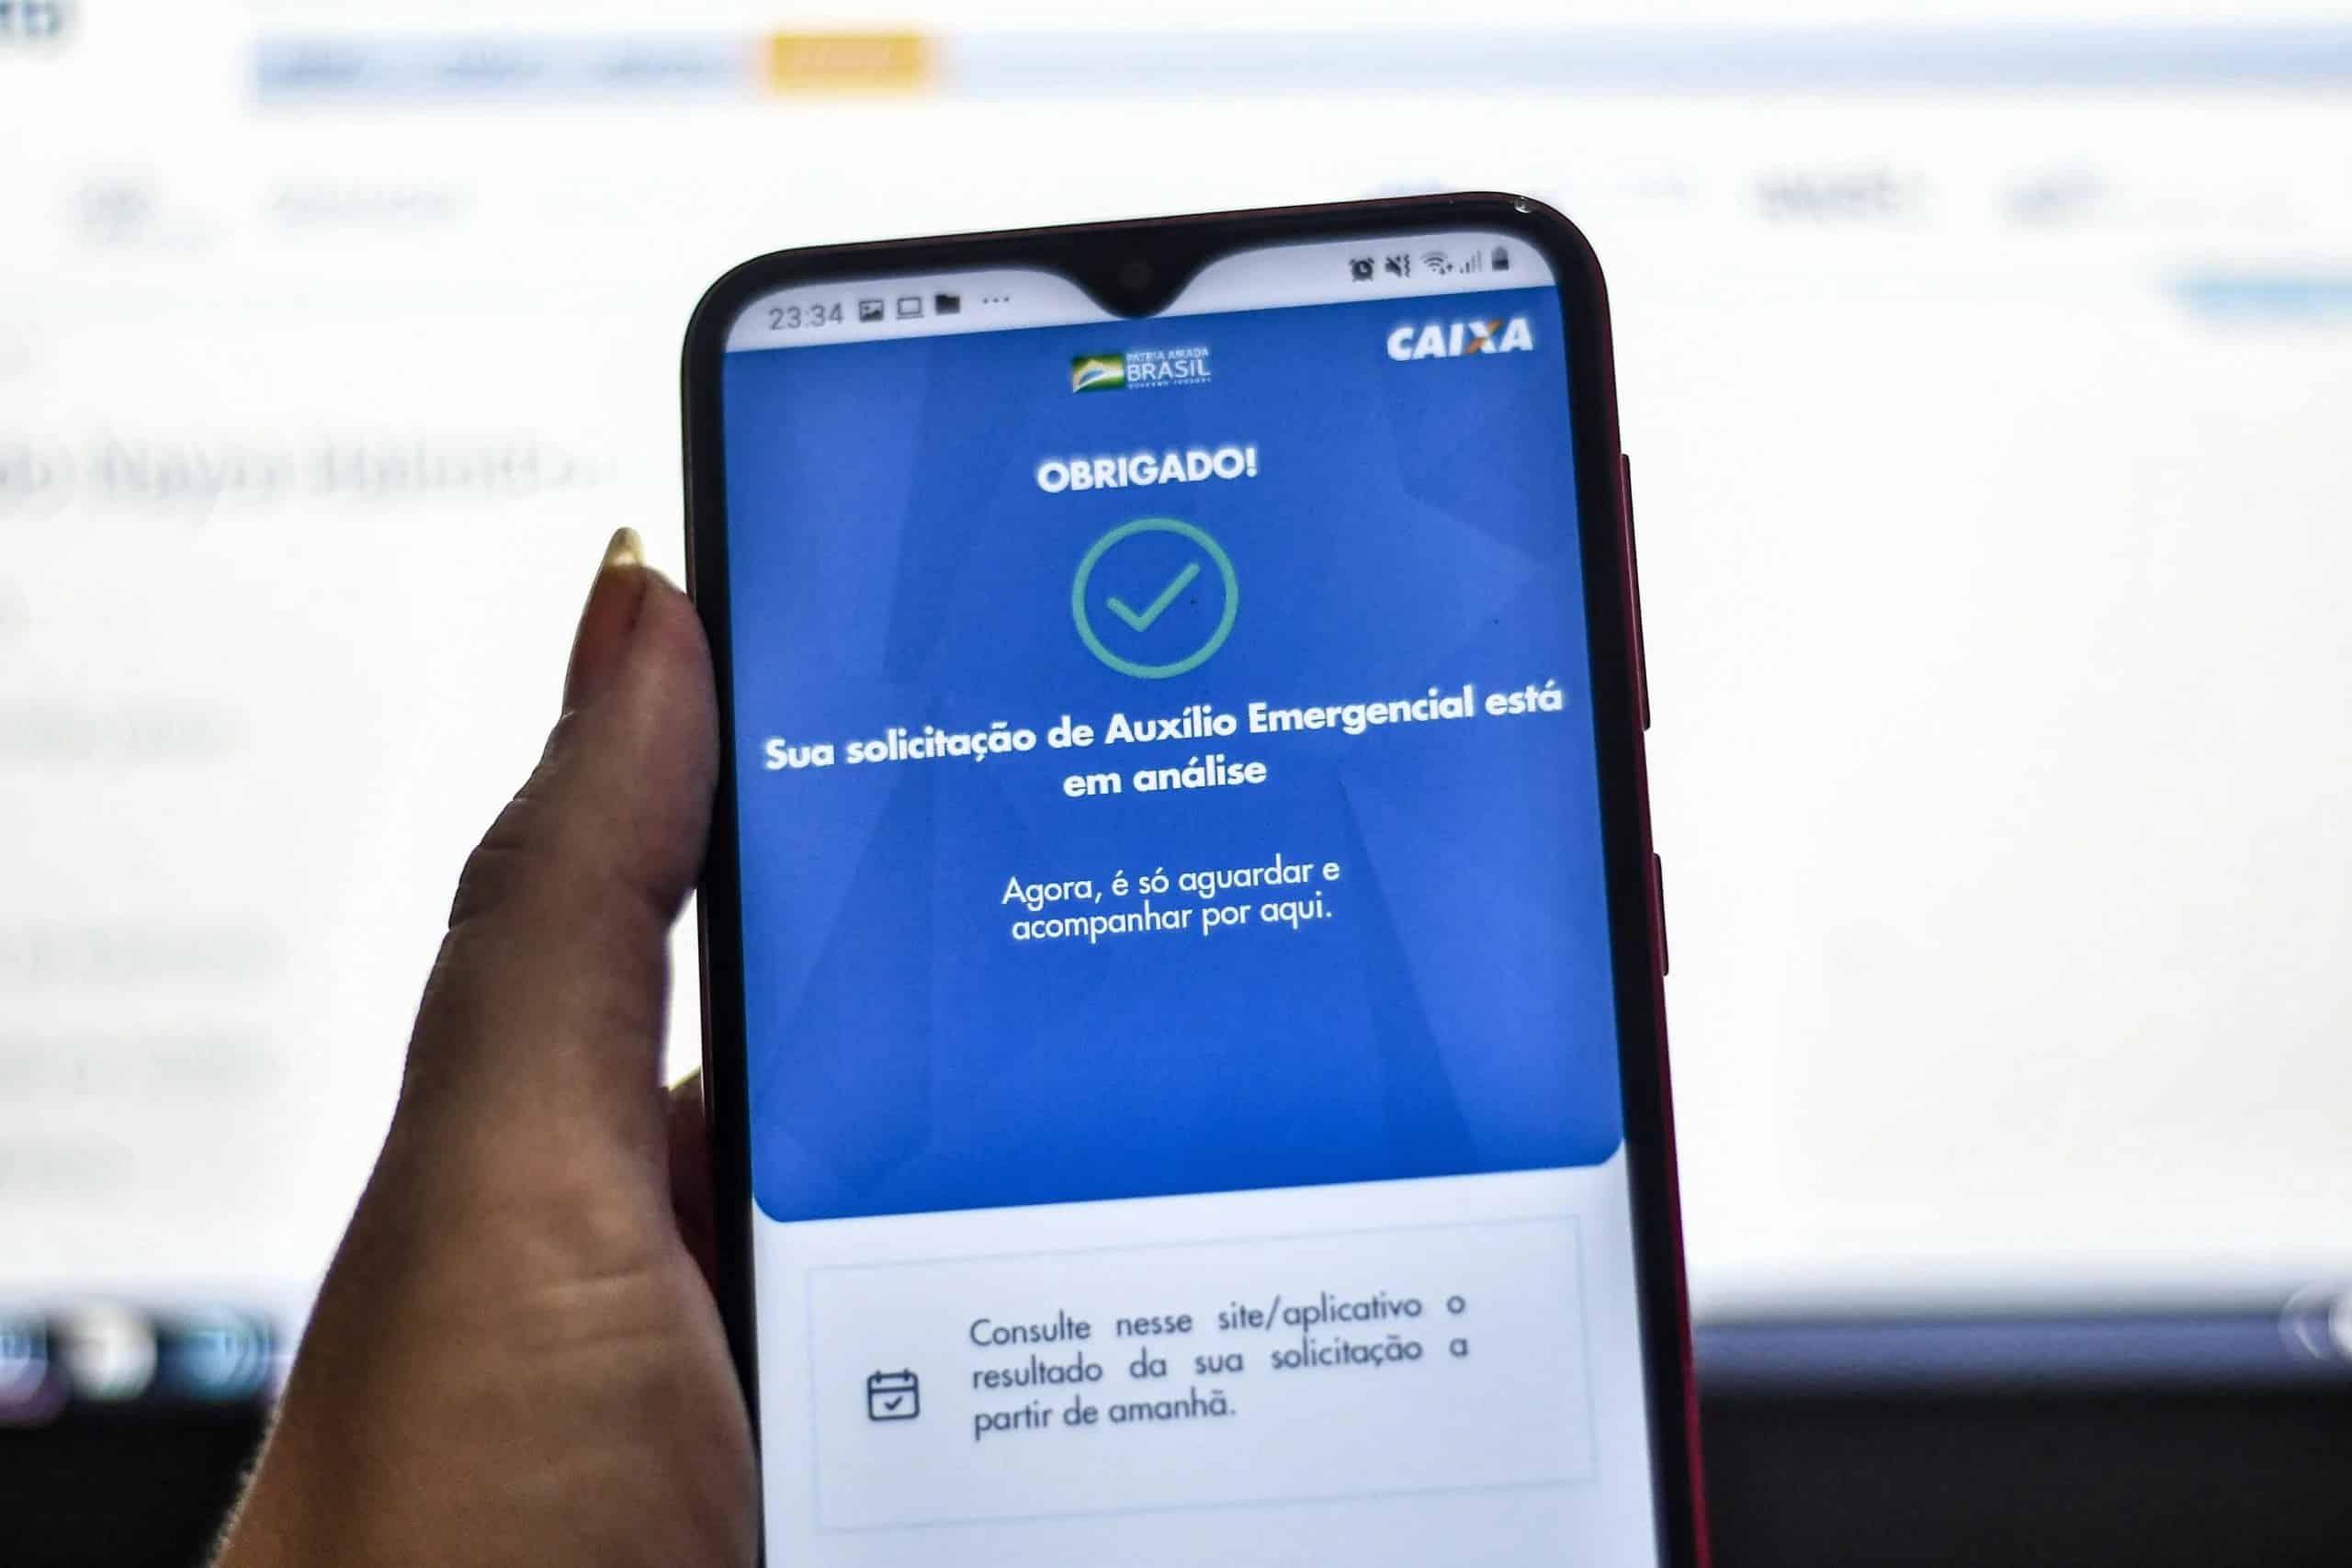 Novo auxílio emergencial: O que exclui o cidadão do pagamento em 2021?